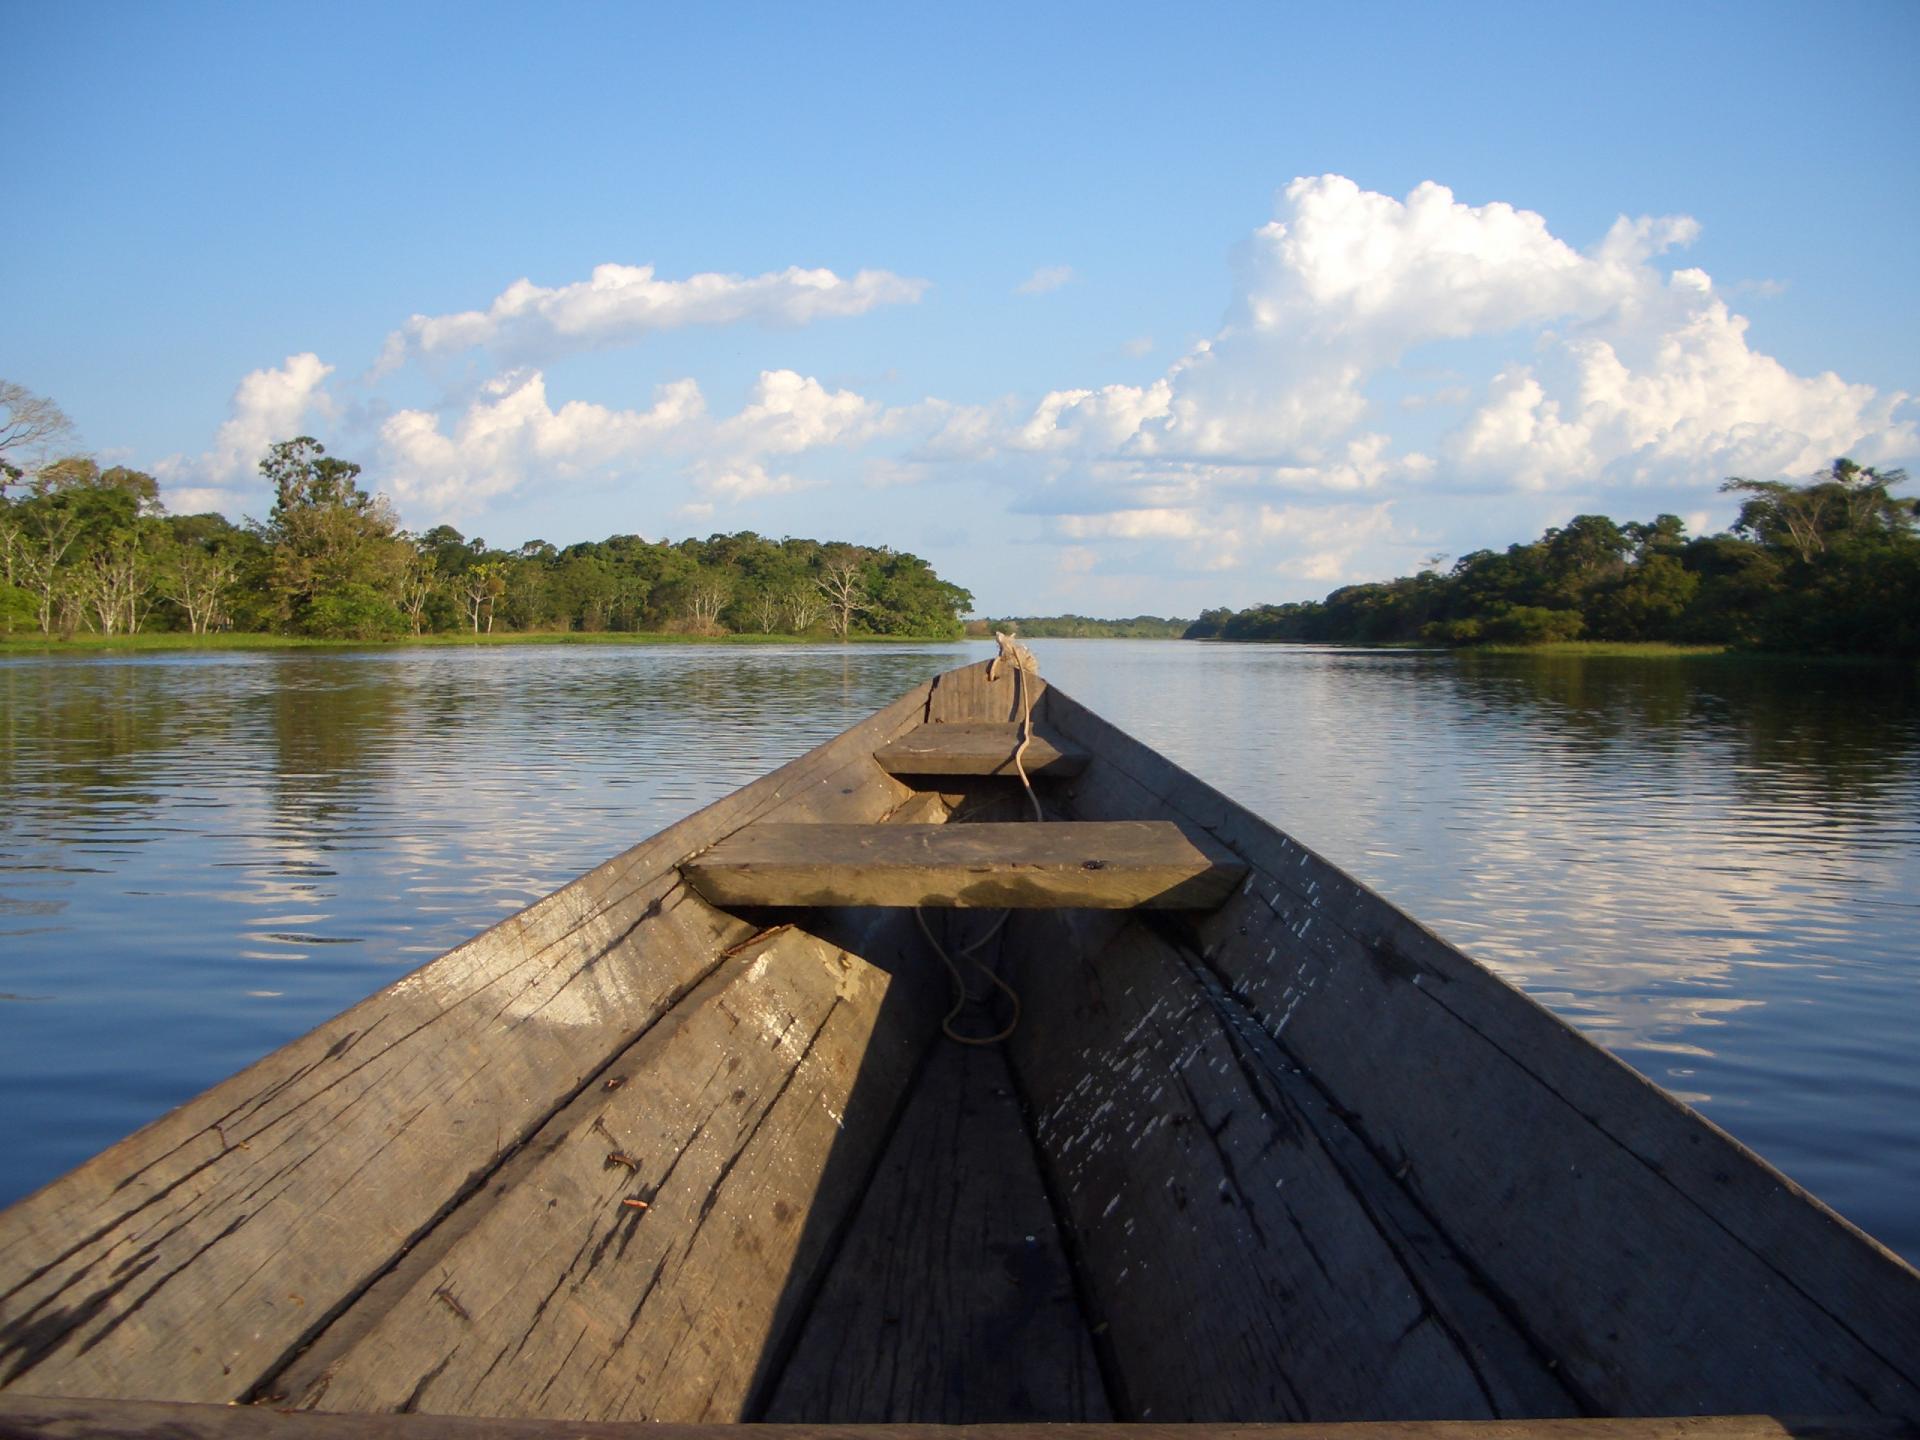 Den Amazonasfluss auf einer Rundreise durch Peru und Brasilien erleben